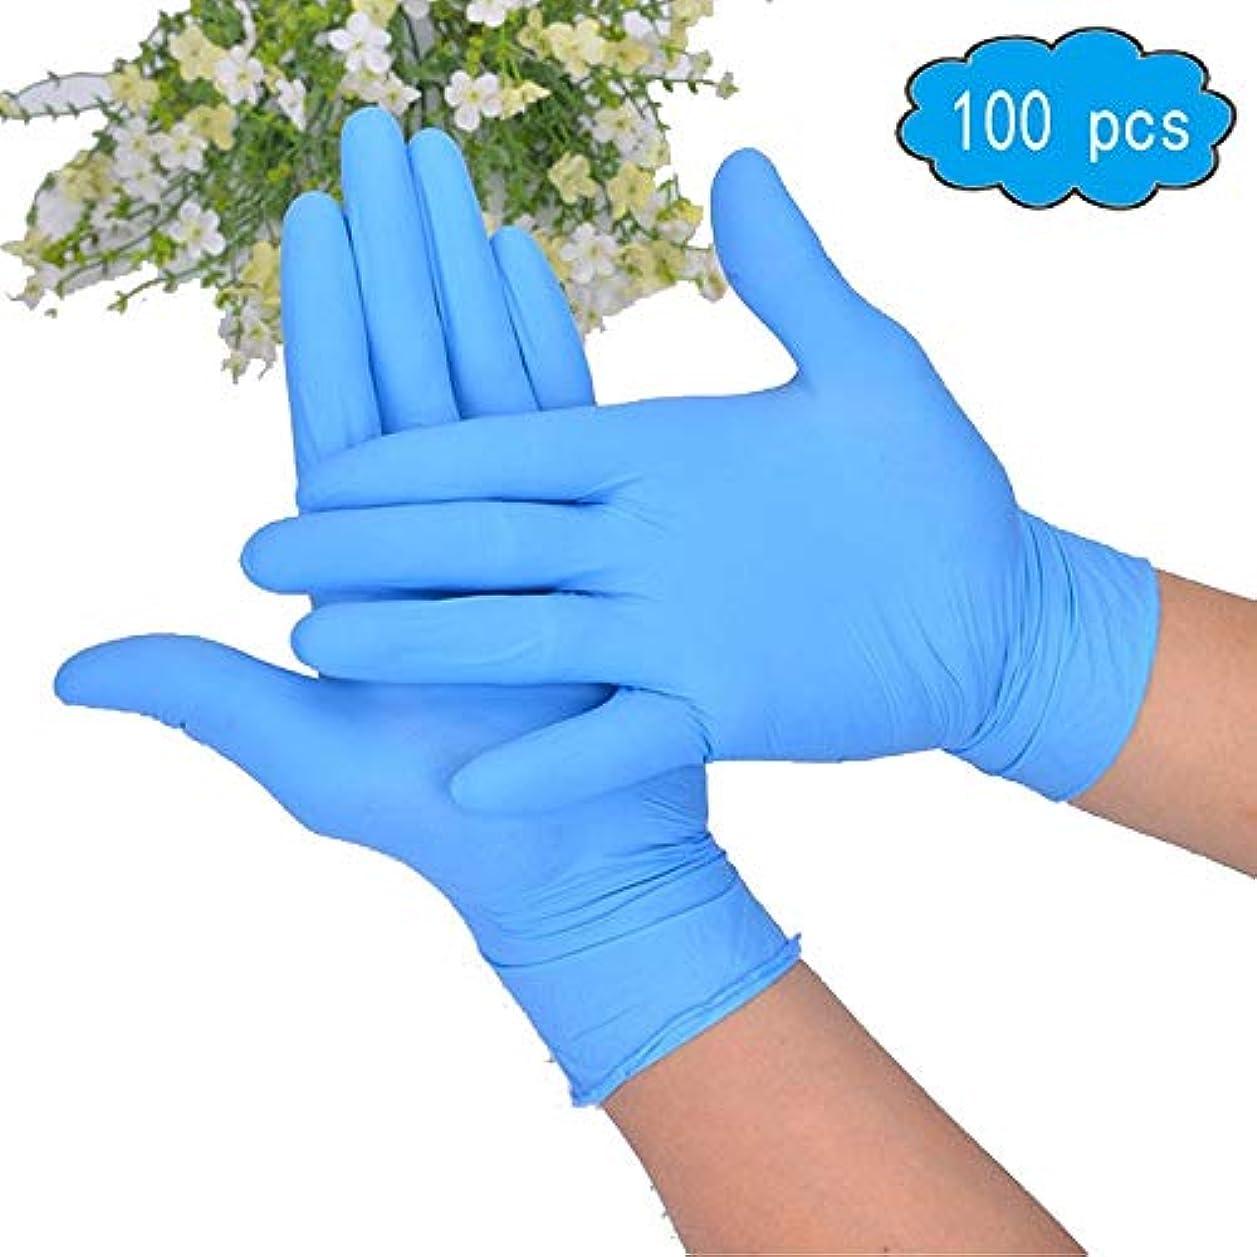 奇跡相対的むしゃむしゃ使い捨てラテックス手袋-医療グレード、パウダーフリー、使い捨て、非滅菌、食品安全、テクスチャード加工、ラテックス手袋、ラボ、100PCS、安全&作業用手袋 (Color : Blue, Size : L)